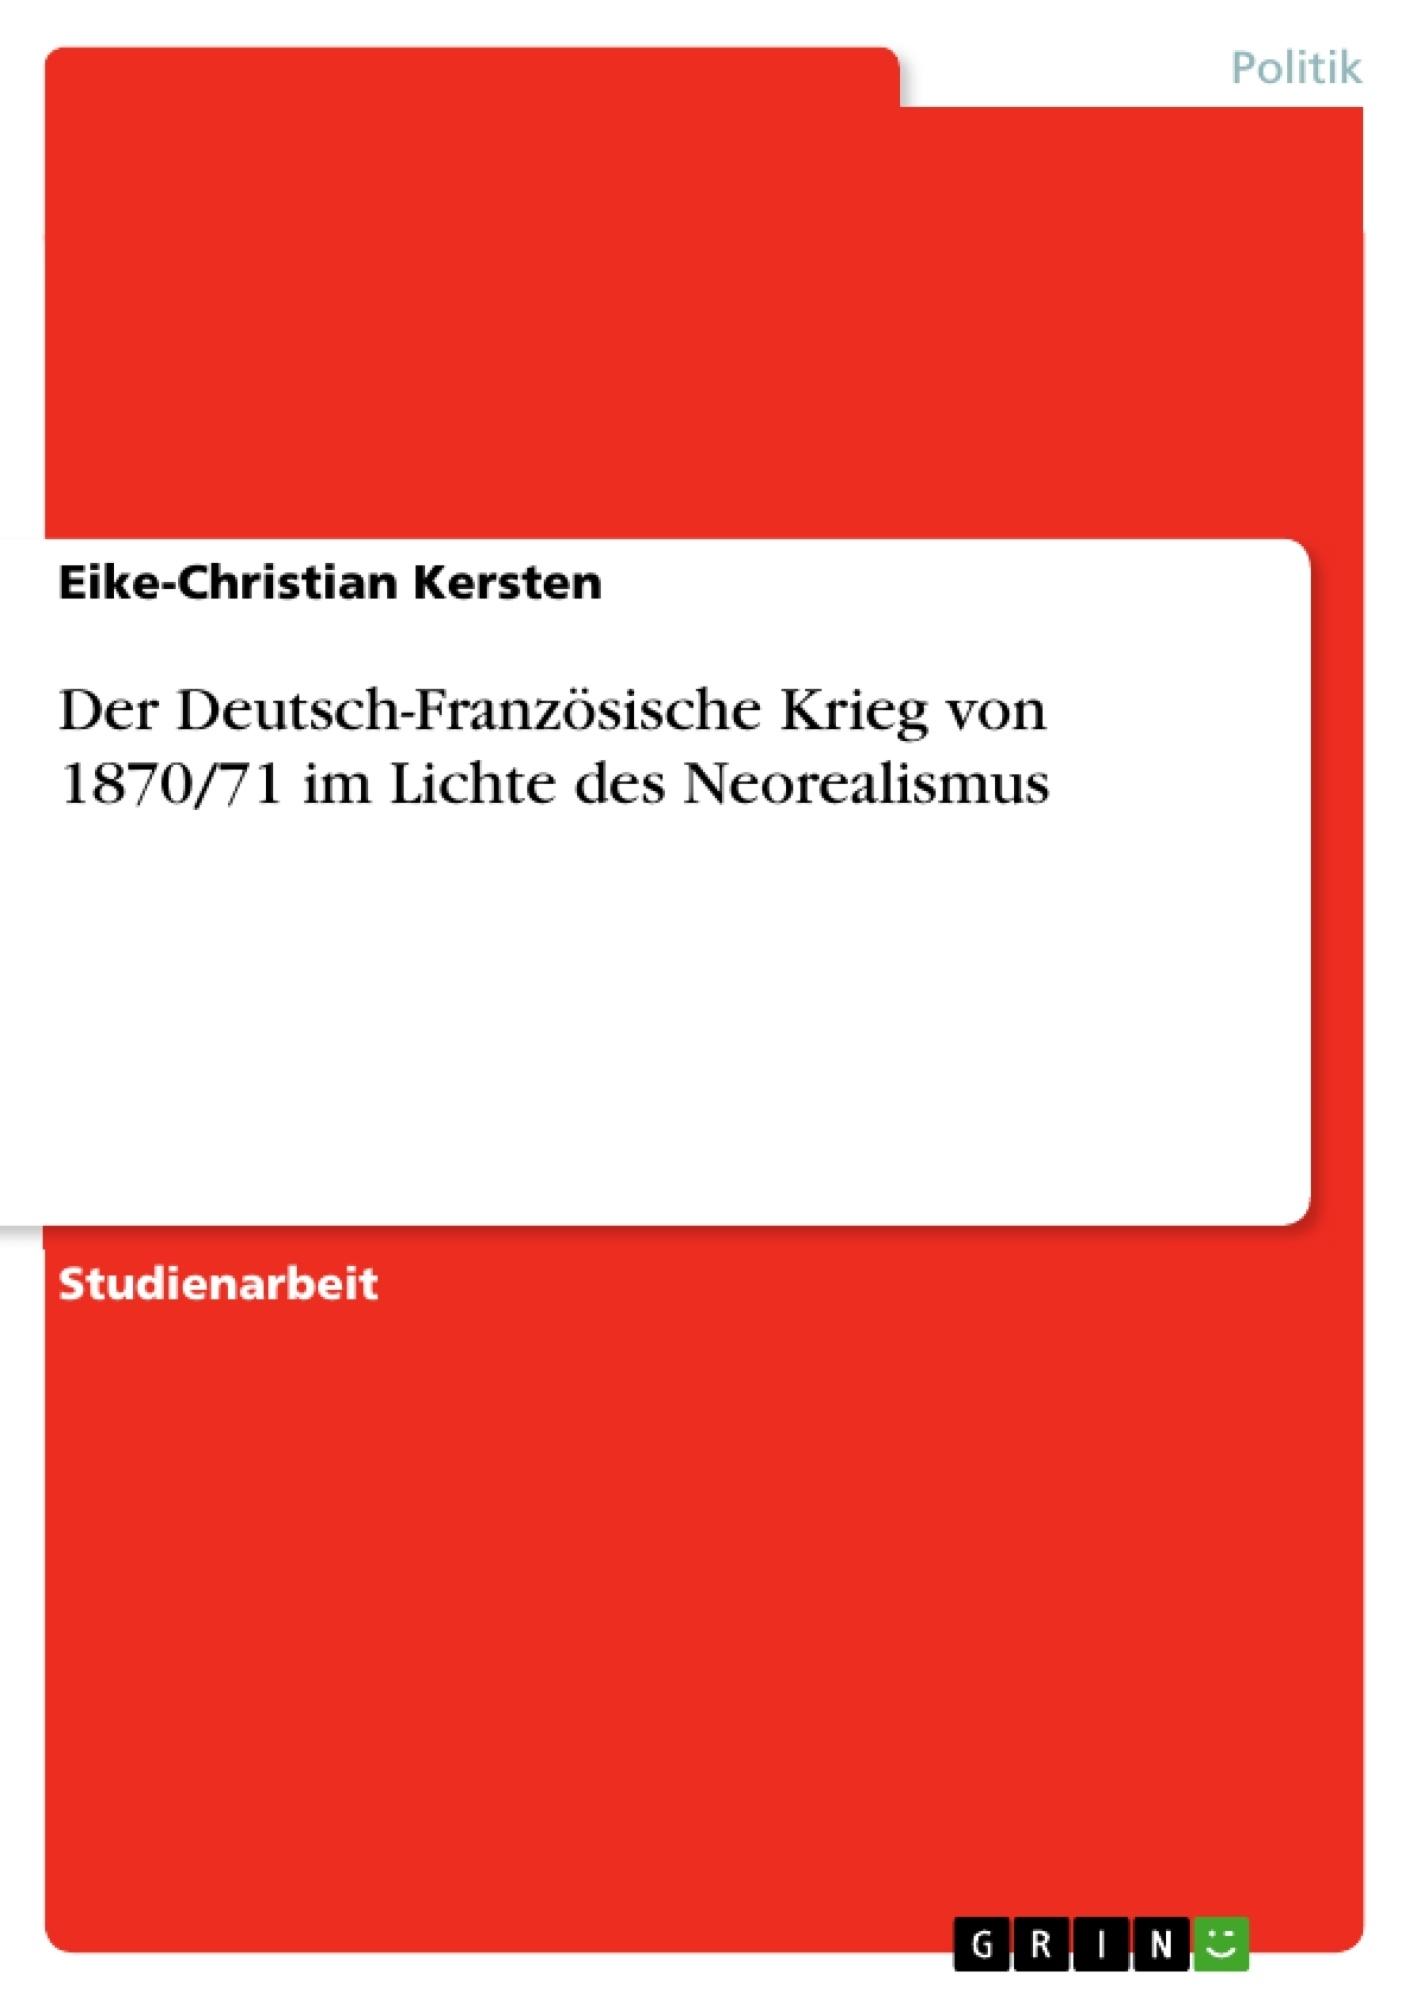 Titel: Der Deutsch-Französische Krieg von 1870/71 im Lichte des Neorealismus